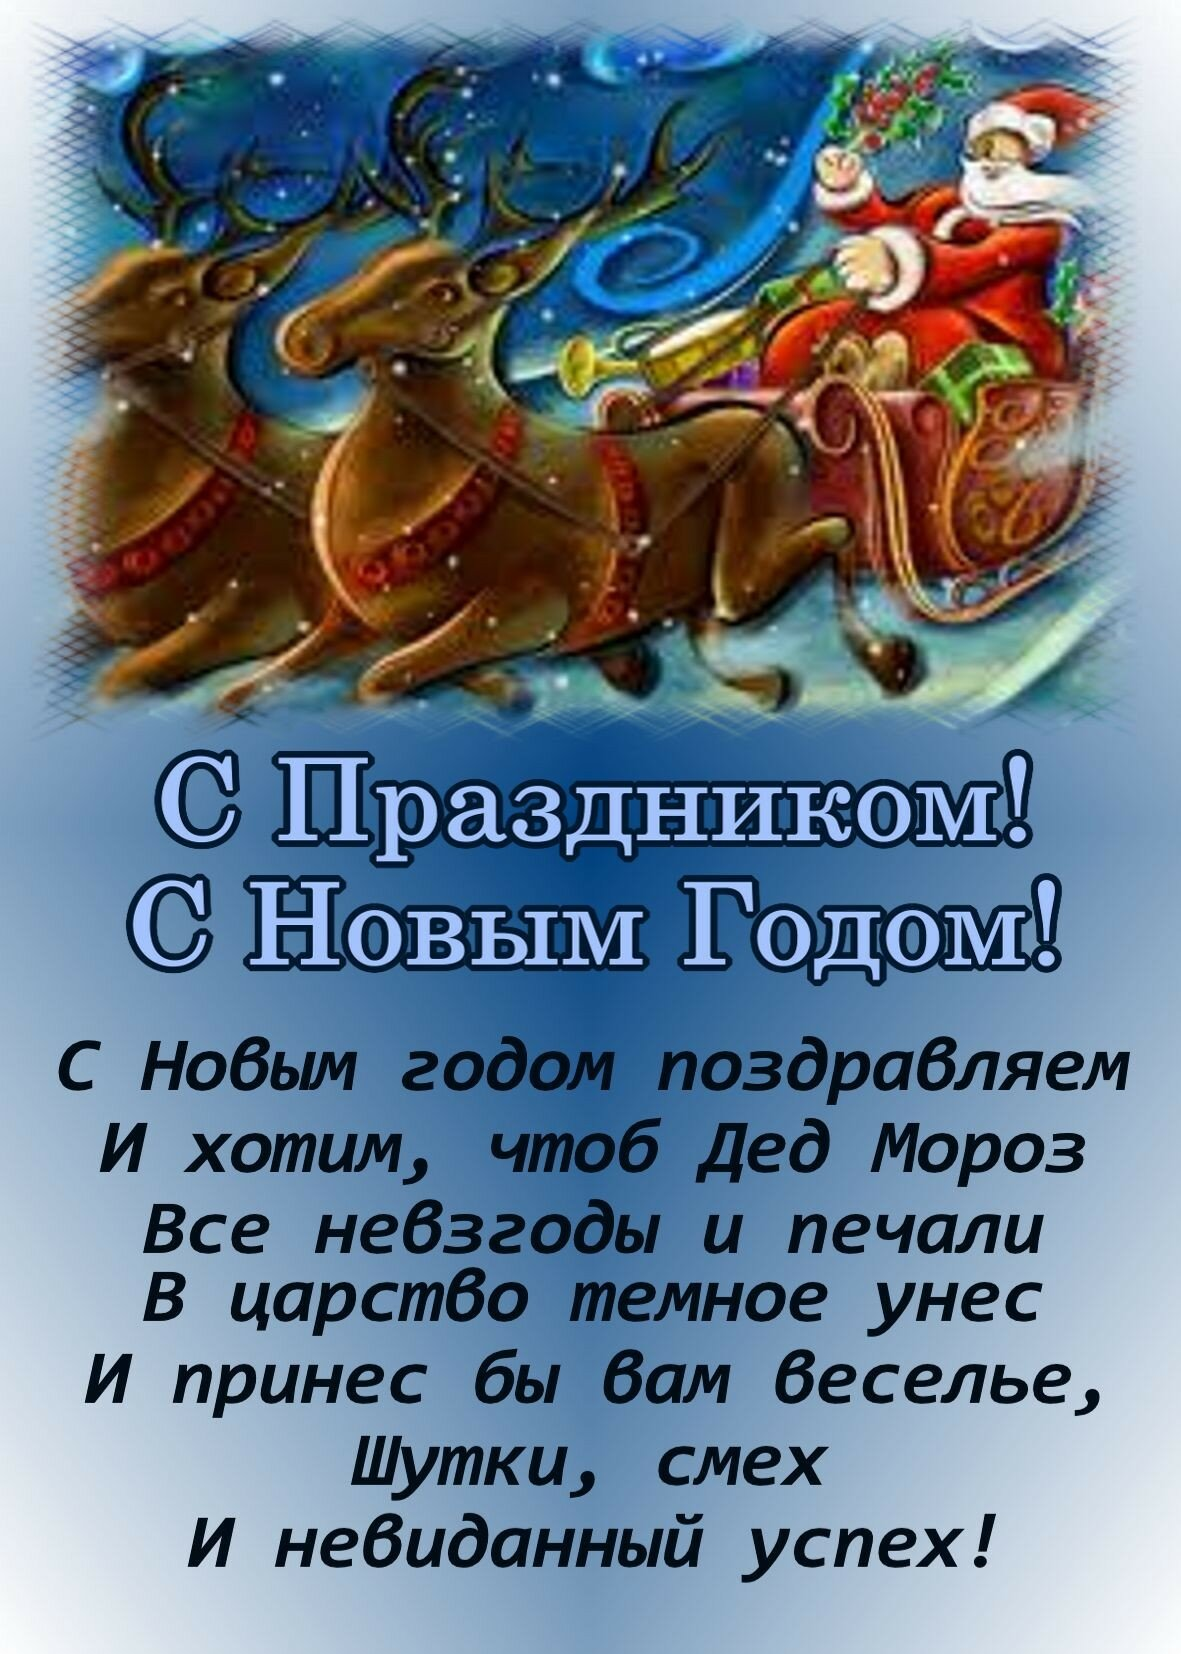 Стихи в открытки к новому году, подписи открытку